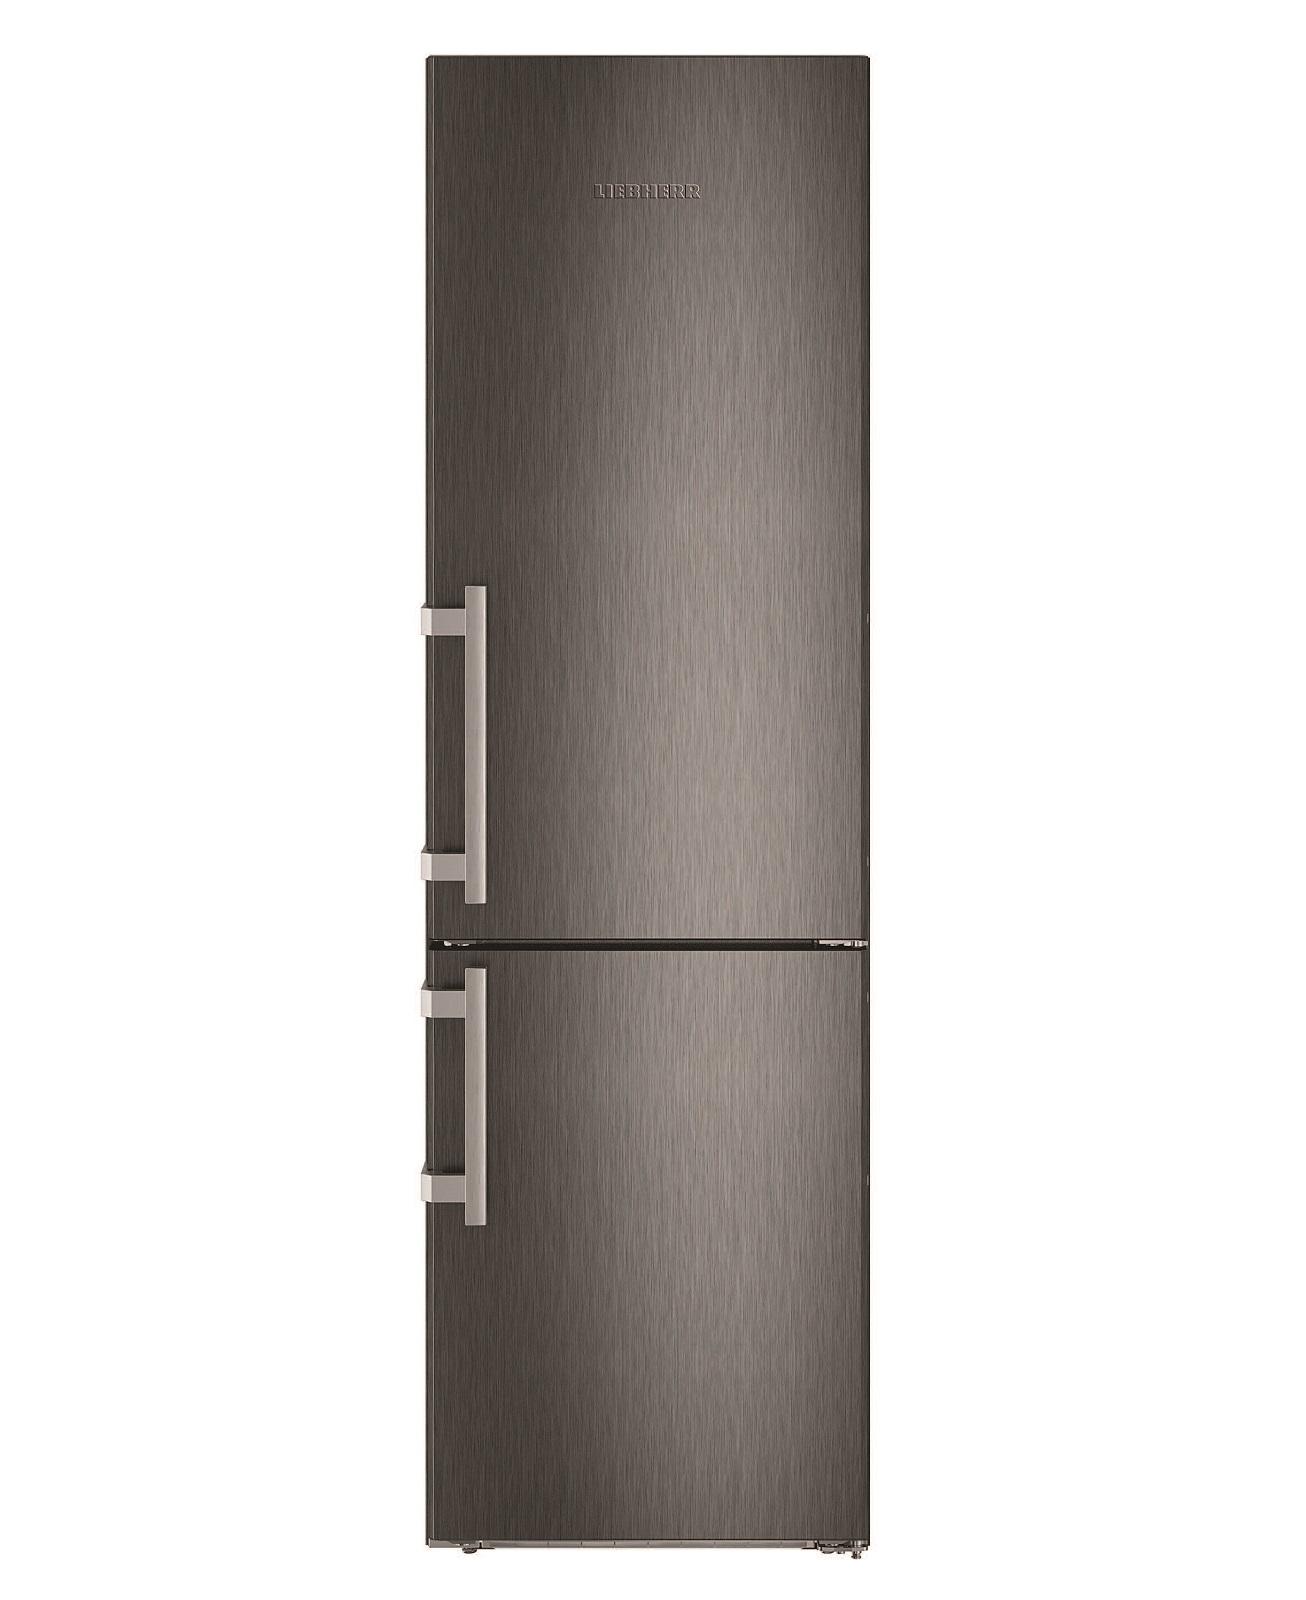 купить Двухкамерный холодильник Liebherr CBNbs 4835 Украина фото 6